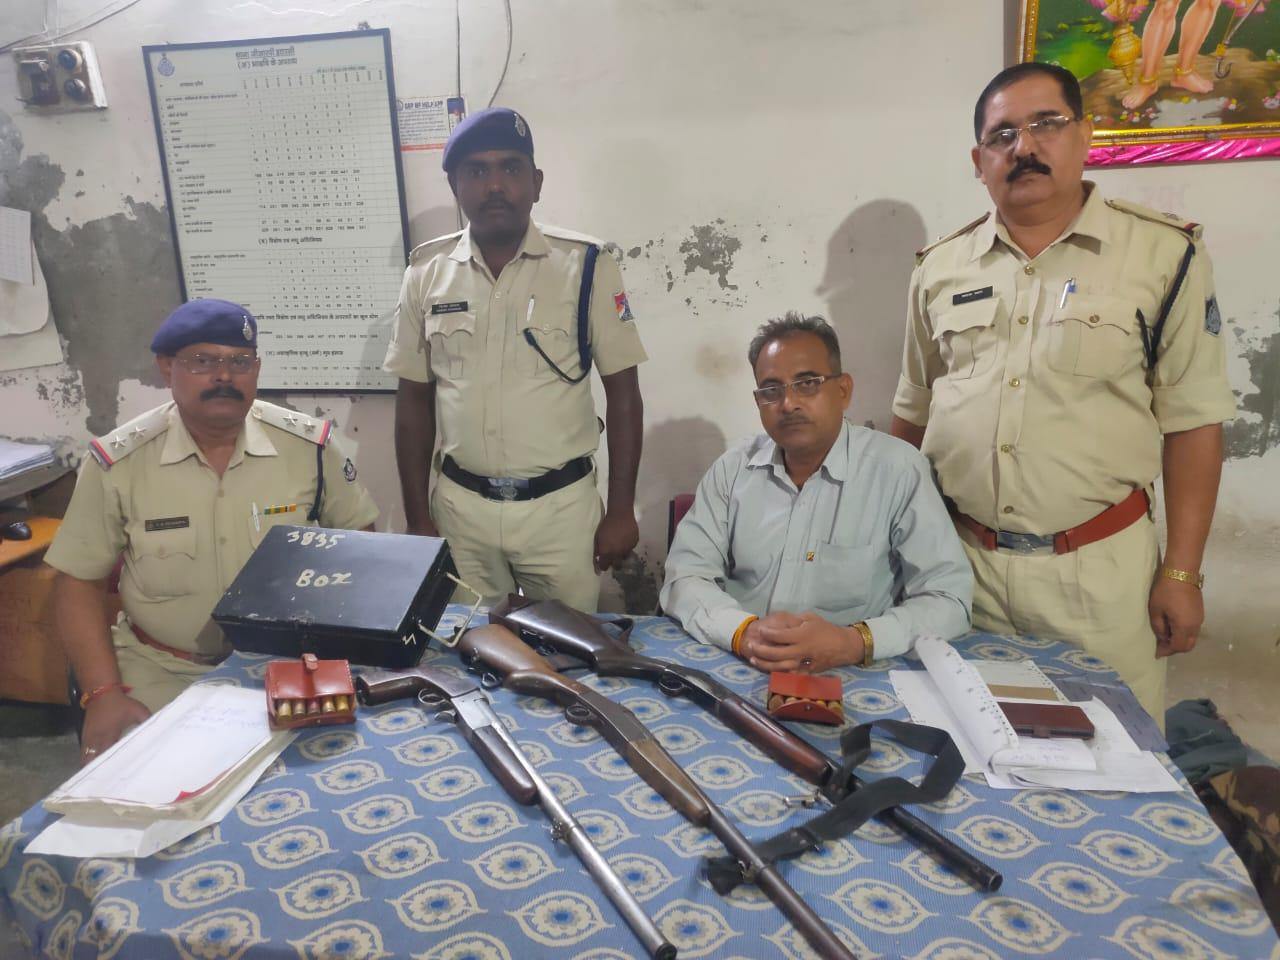 रेलवे जंक्शन से 2 किमी दूर नागपुर आउटर पर लावारिस बैग में 3 बंदूक और 10 कारतूस मिले; आशंका- तस्करी या लूट की थी तैयारी होशंगाबाद,Hoshangabad - Dainik Bhaskar